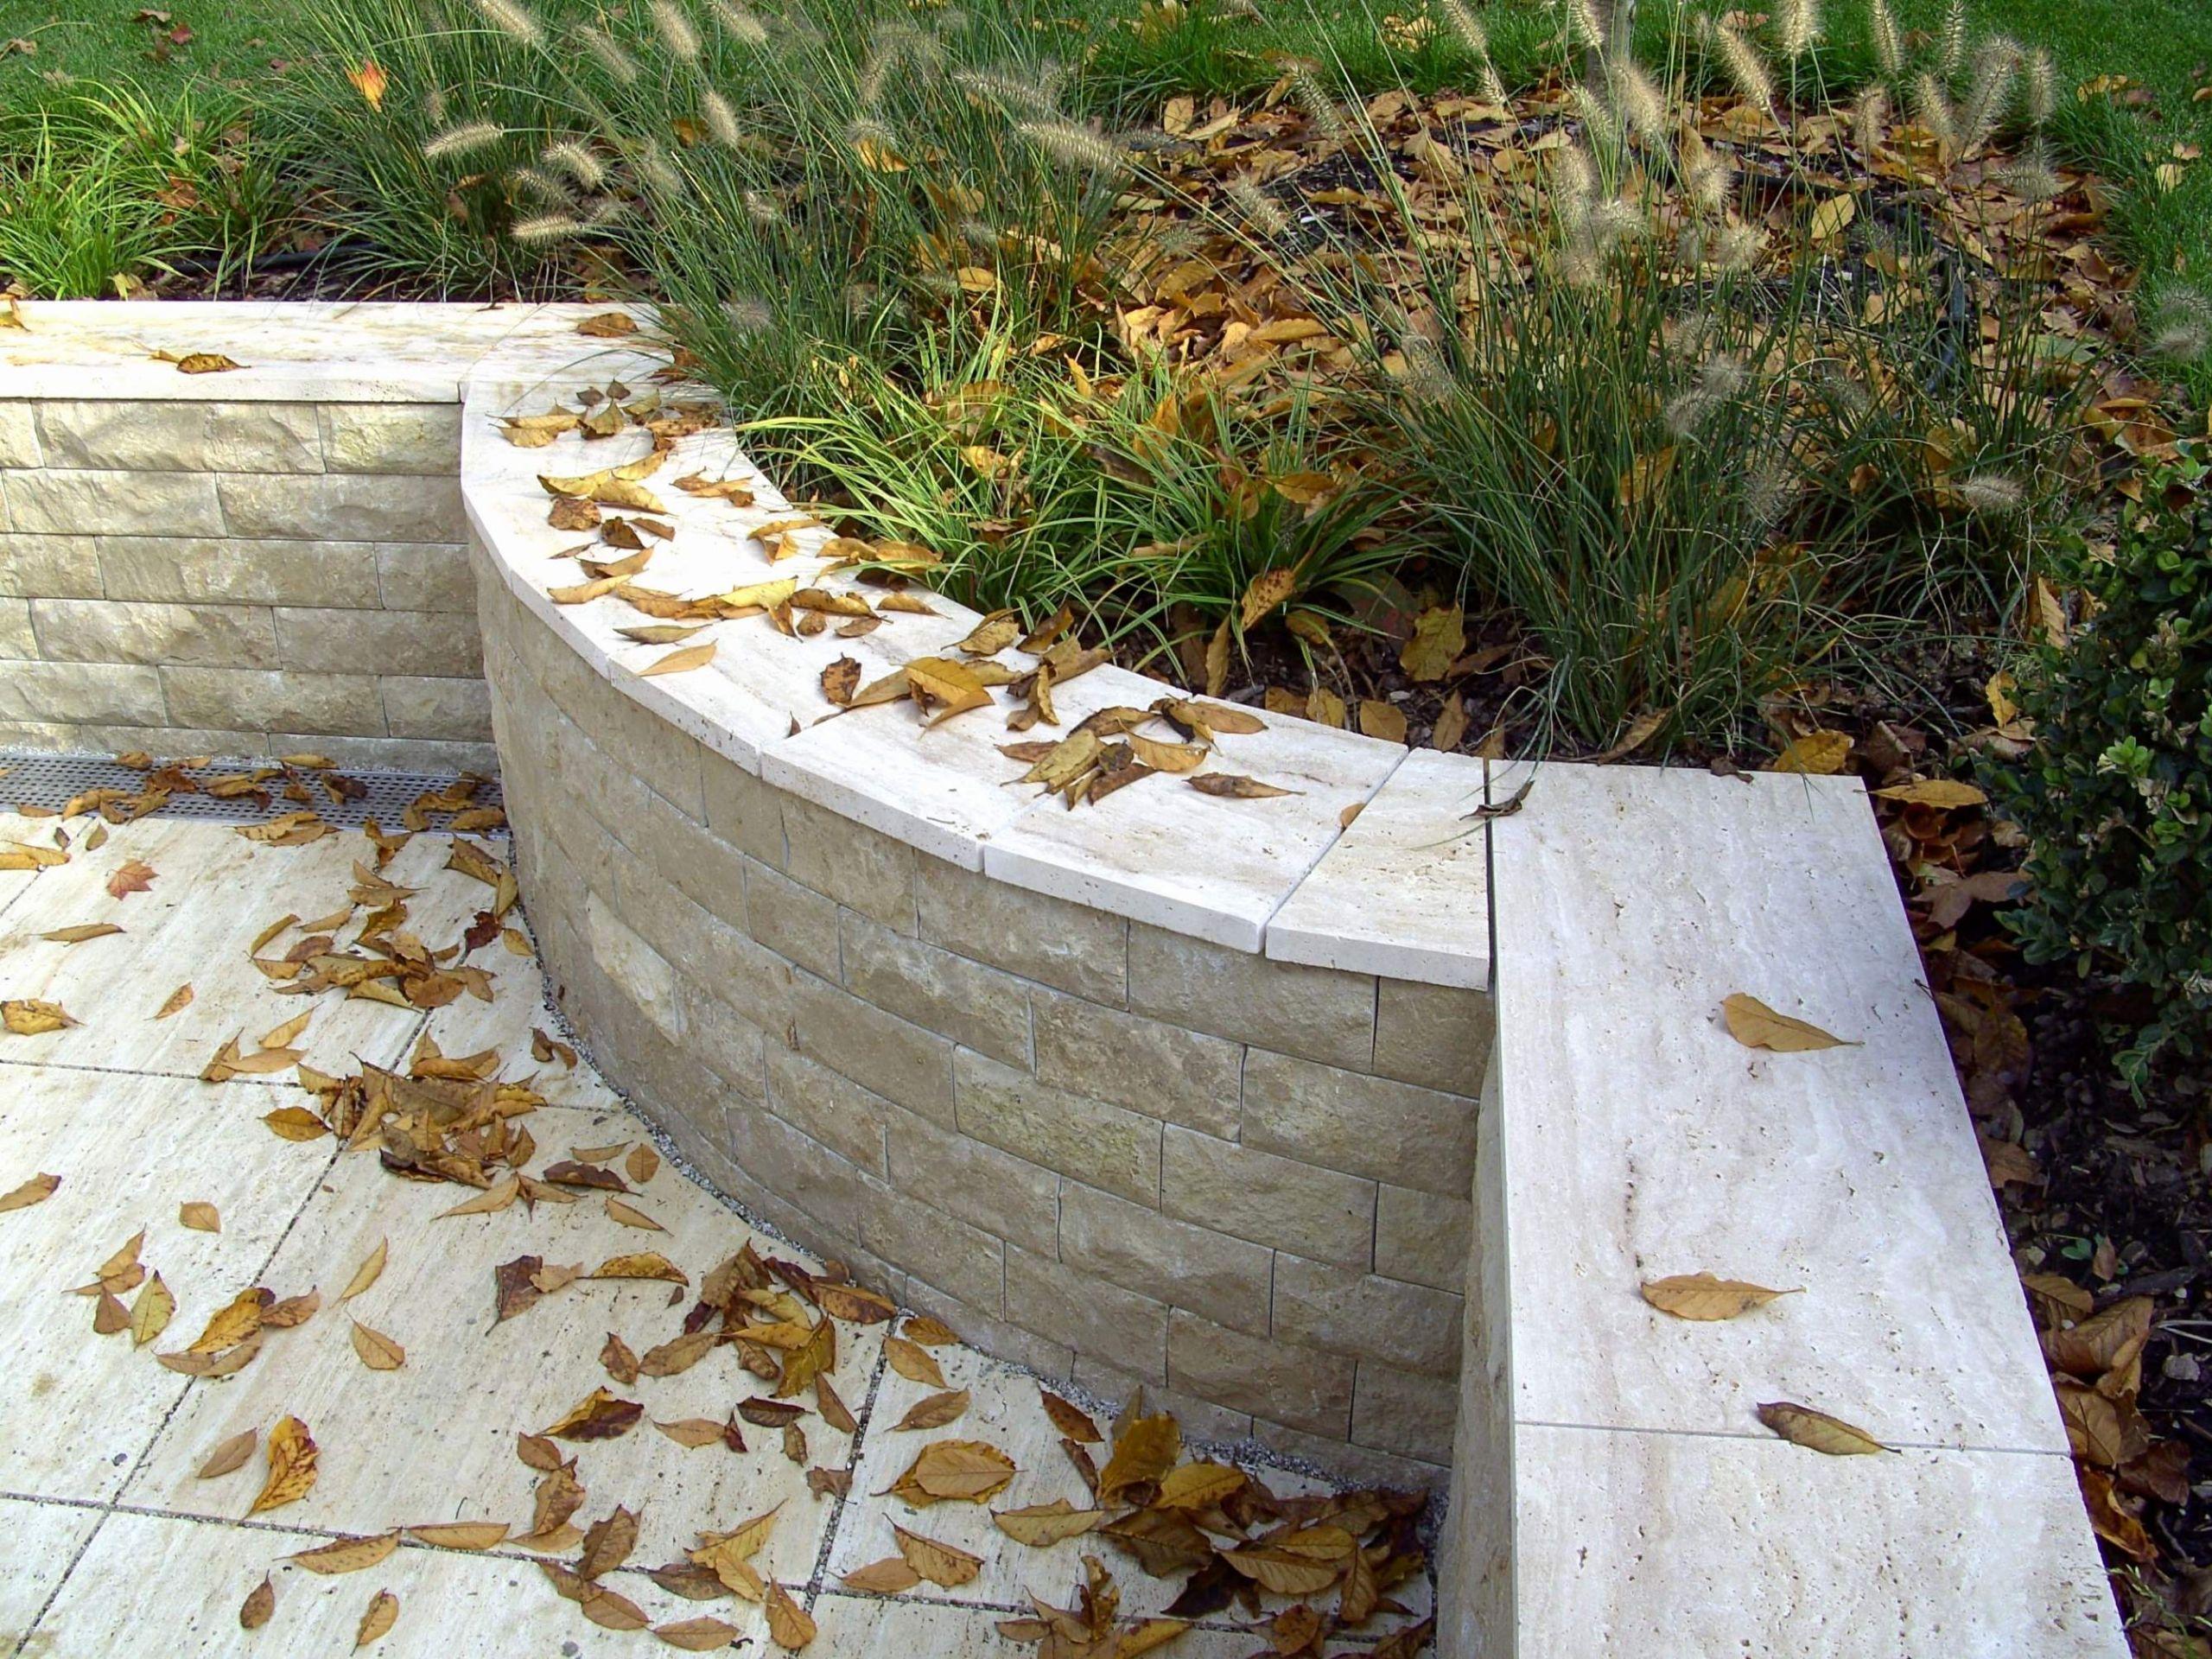 garten pflanzen sichtschutz genial gartenpflanzengarten pflanzen pflanzen als sichtschutz terrasse pflanzen als sichtschutz terrasse